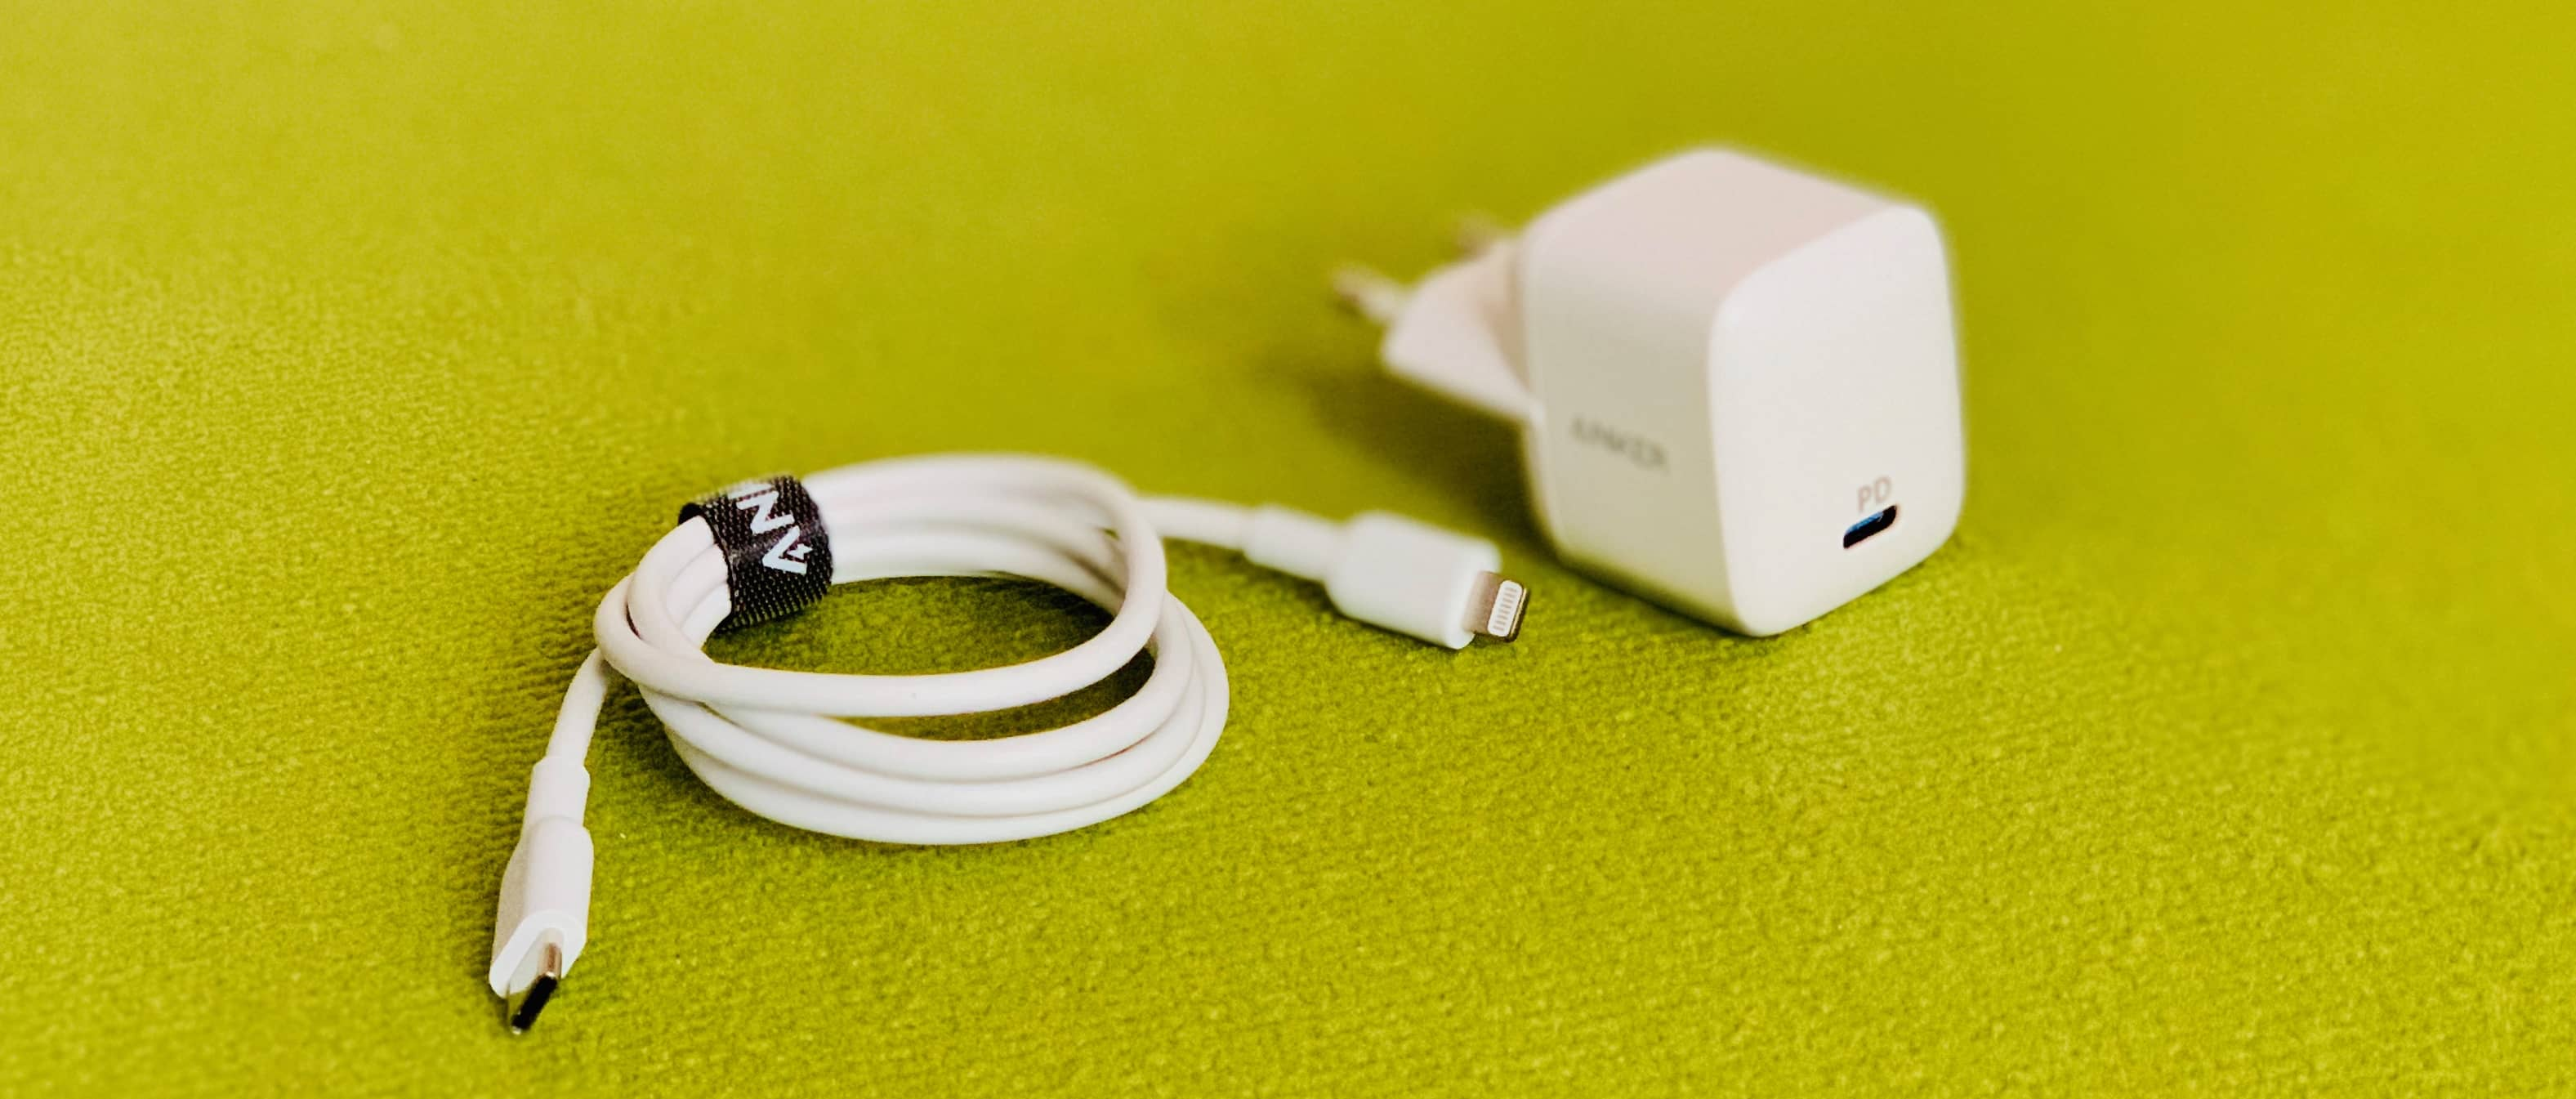 Anker PowerPort Atom PD 1 - das winzige 30 Watt USB-C Ladegerät 1